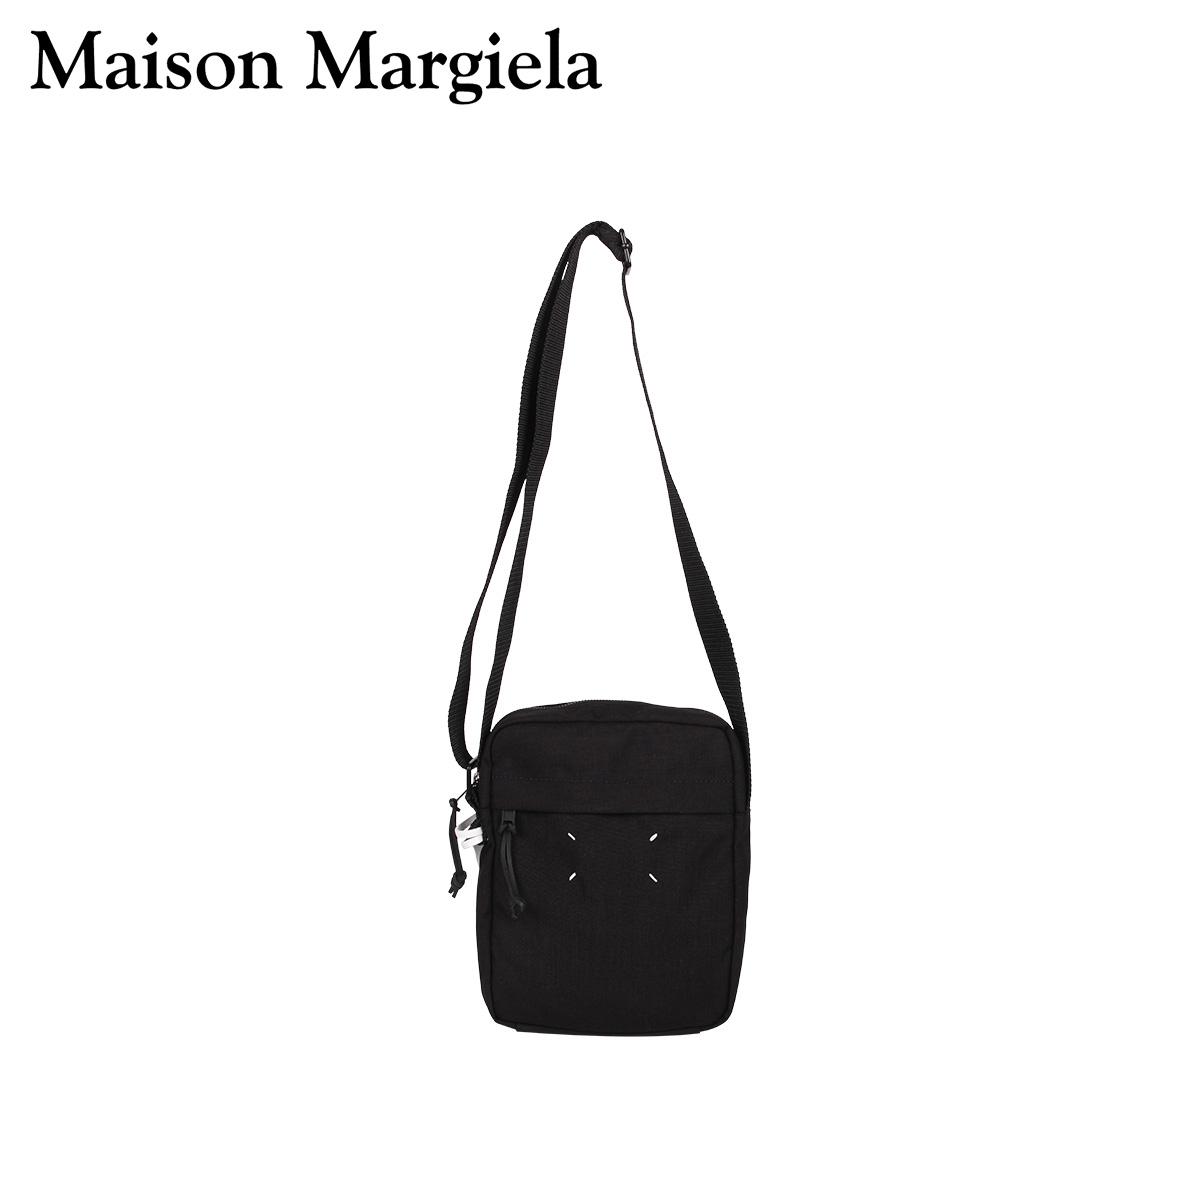 MAISON MARGIELA メゾンマルジェラ バッグ ショルダーバッグ メンズ レディース SHOLDER BAG ブラック 黒 S55WG0056-T8013 [3/4 新入荷]